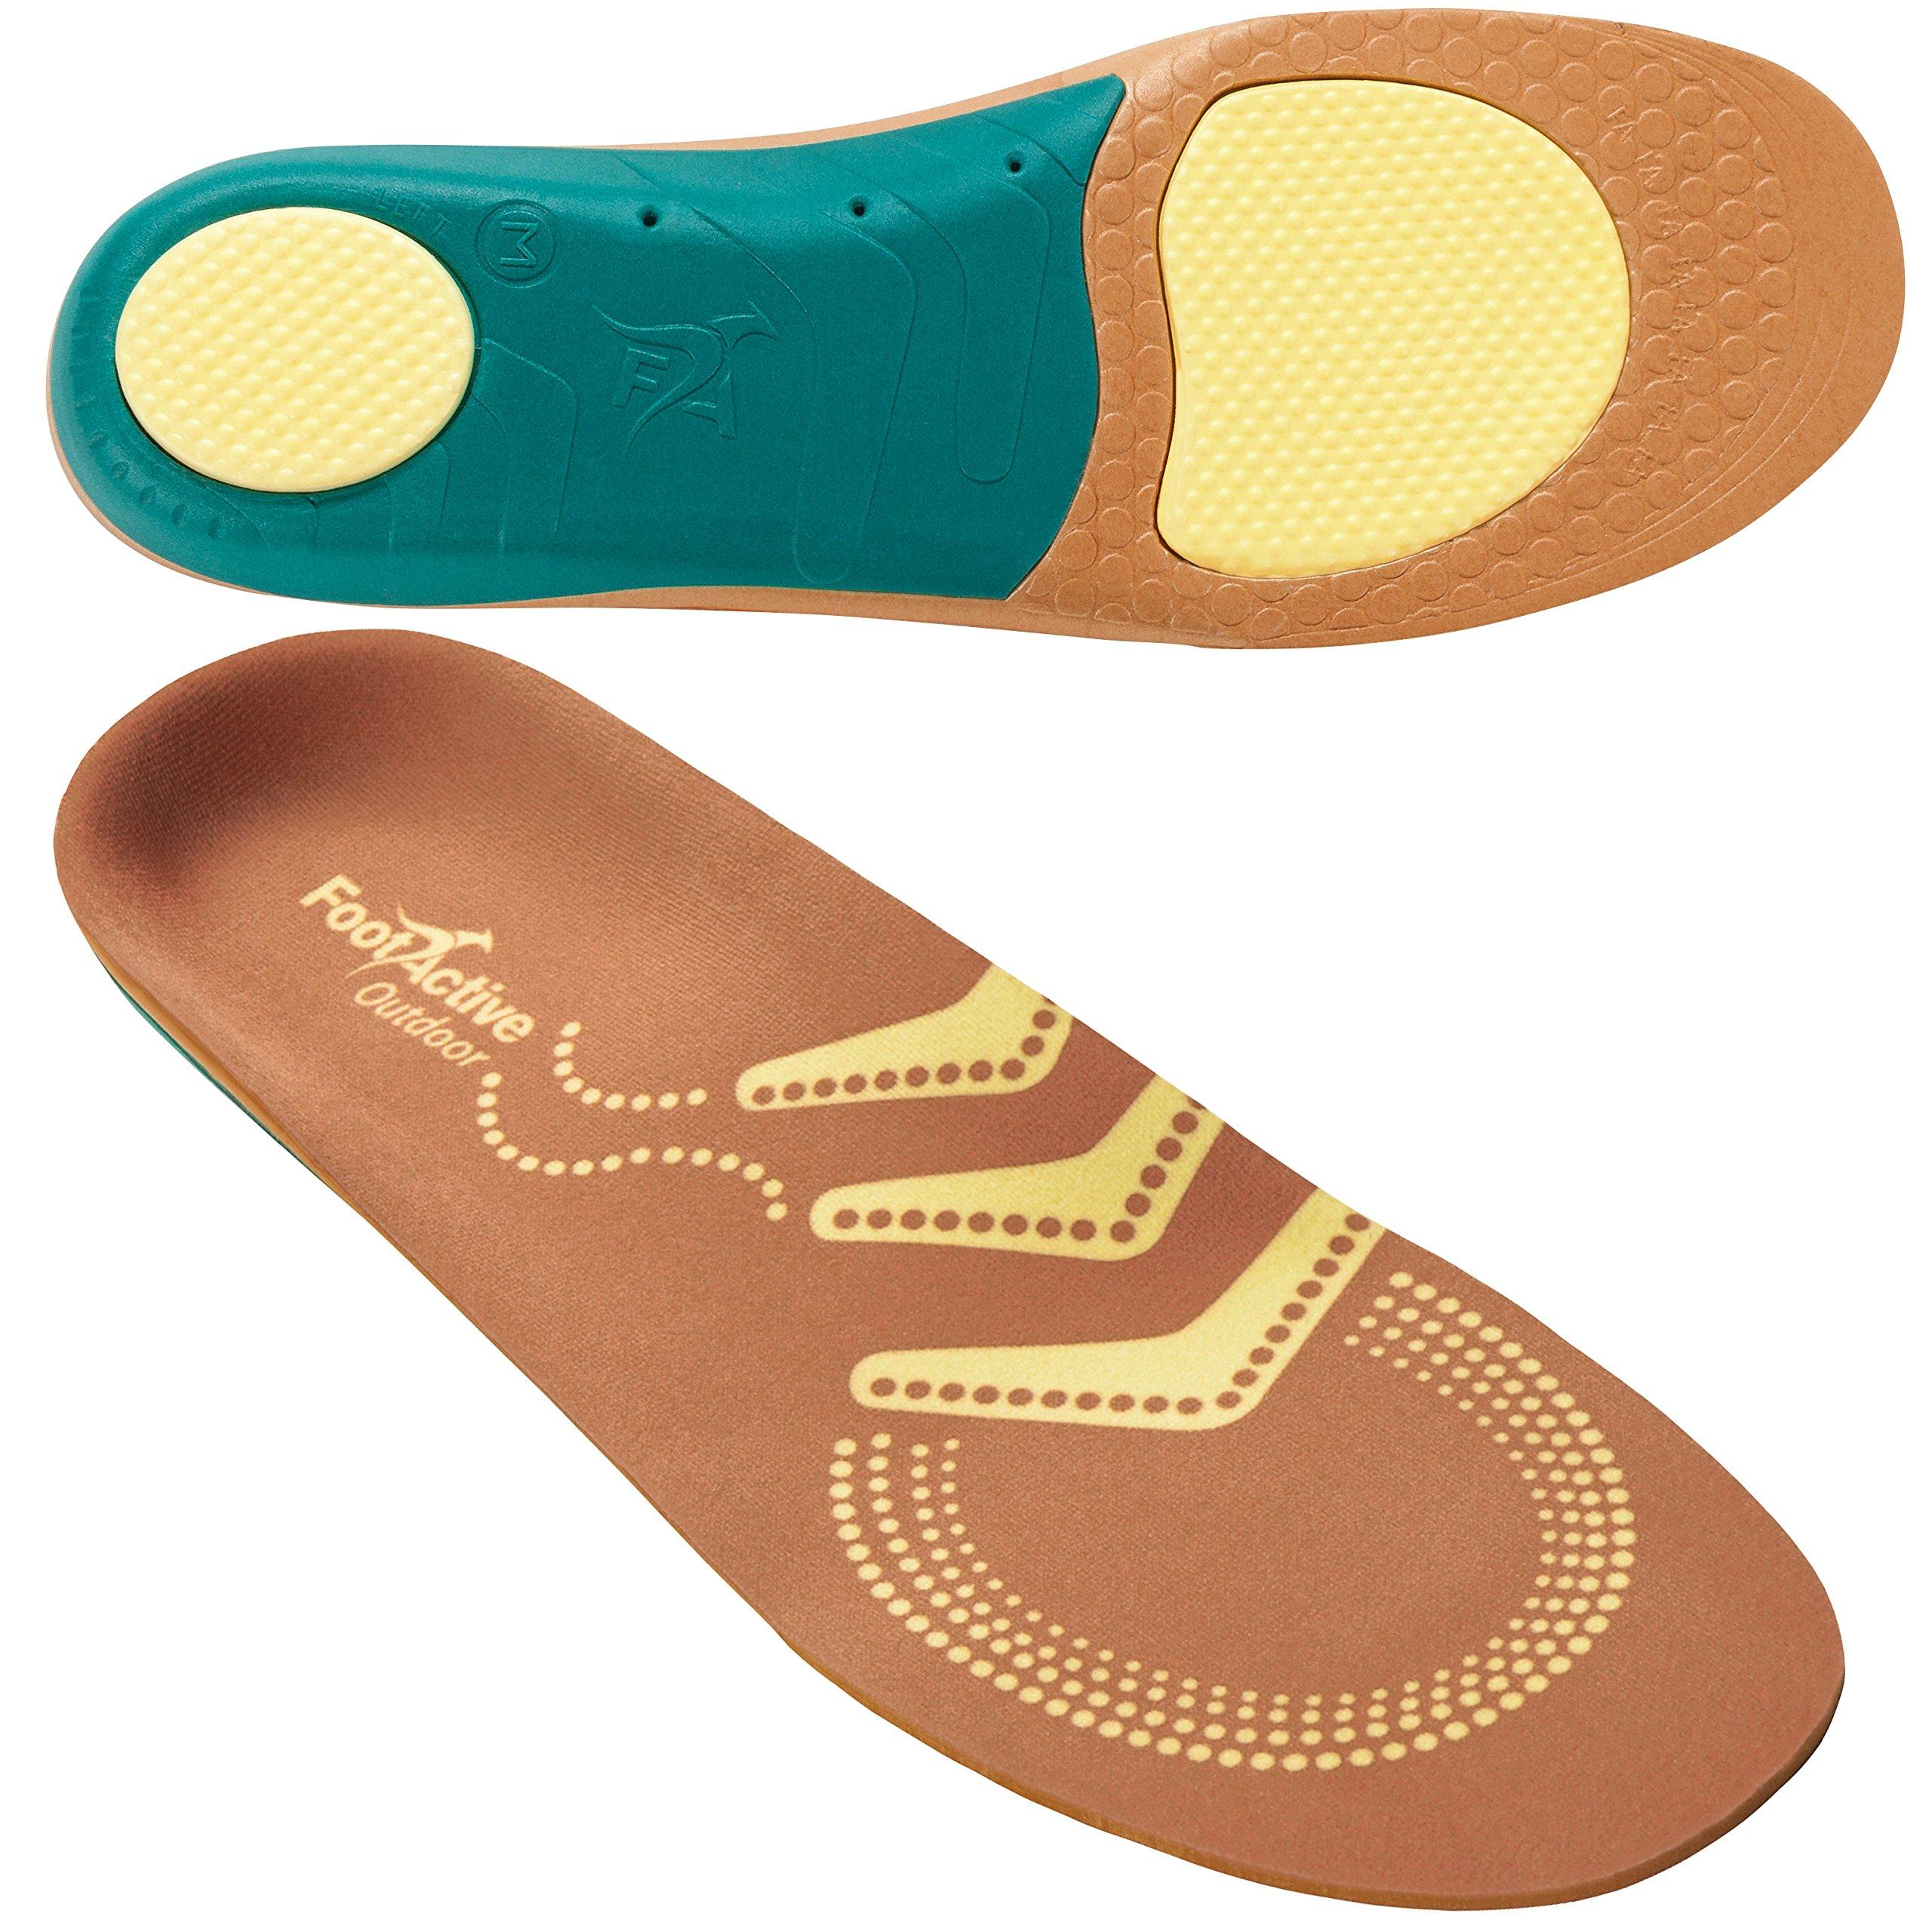 Fersenschutz Für Schuhe Top 10 – EHRLICHE TESTS